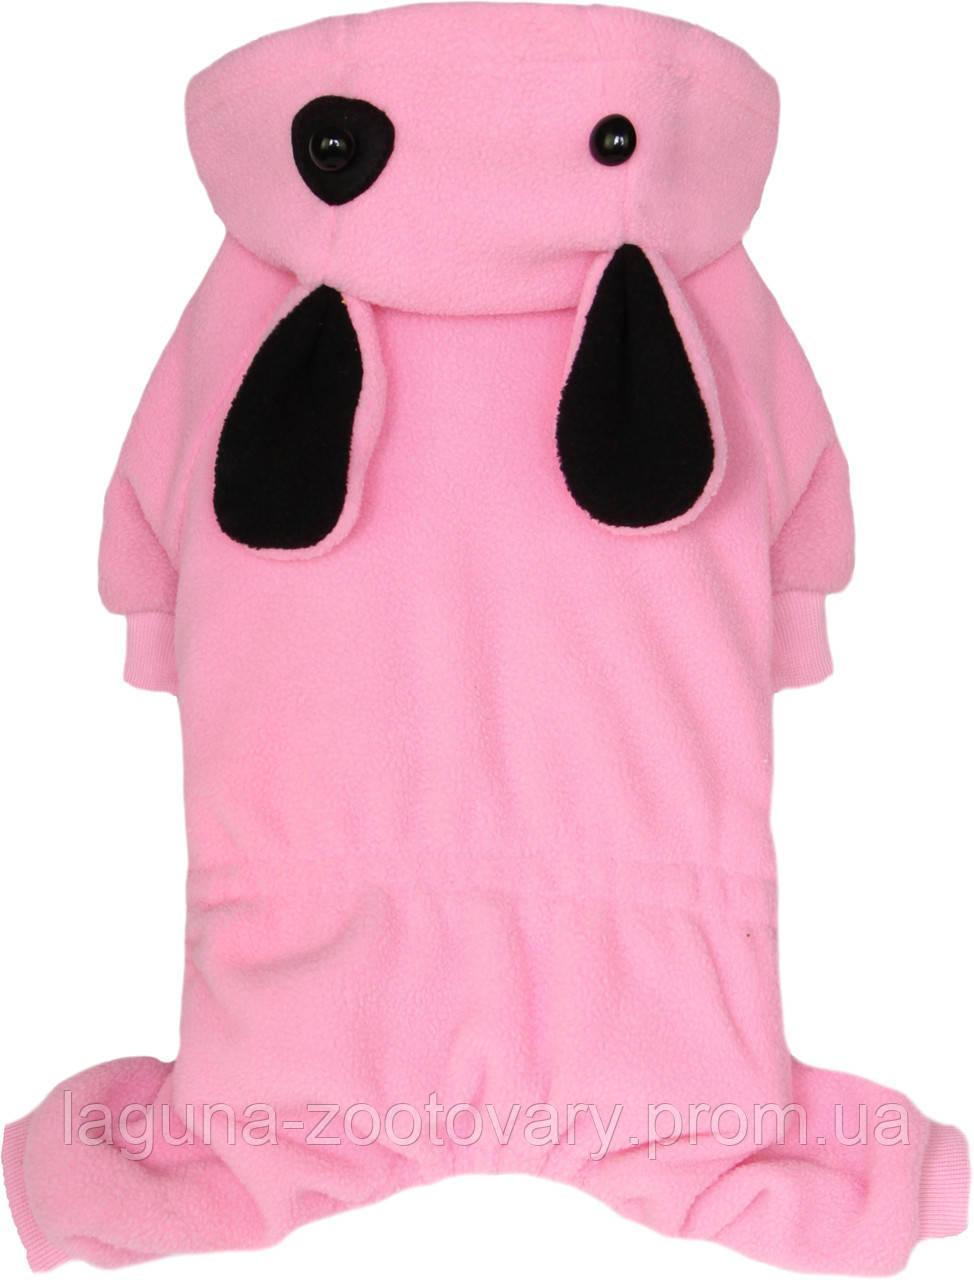 """Комбинезон """"Пятнышко"""", розовый, размеры  S,M,L,XL,2XL для собак и щенков"""